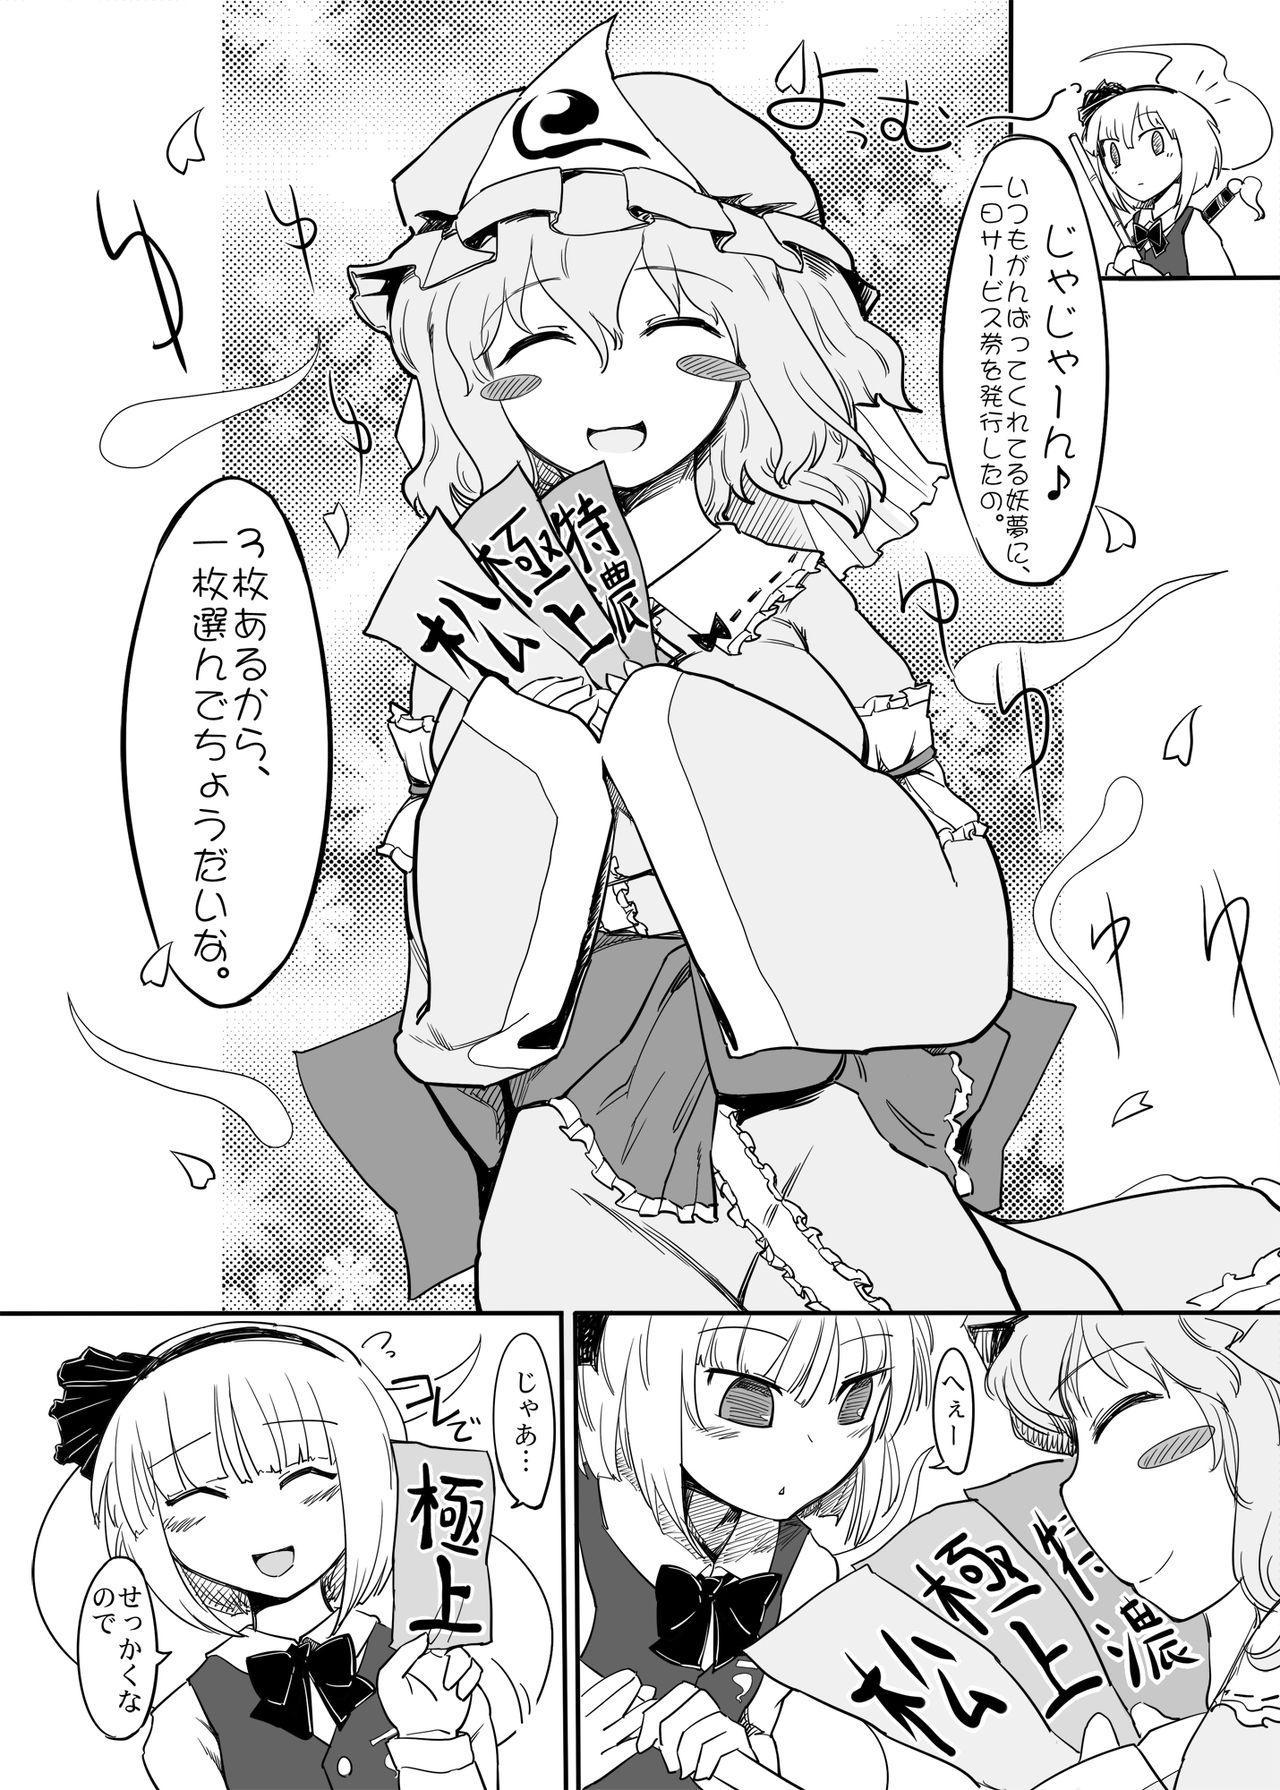 Youmu Kuzushi 3